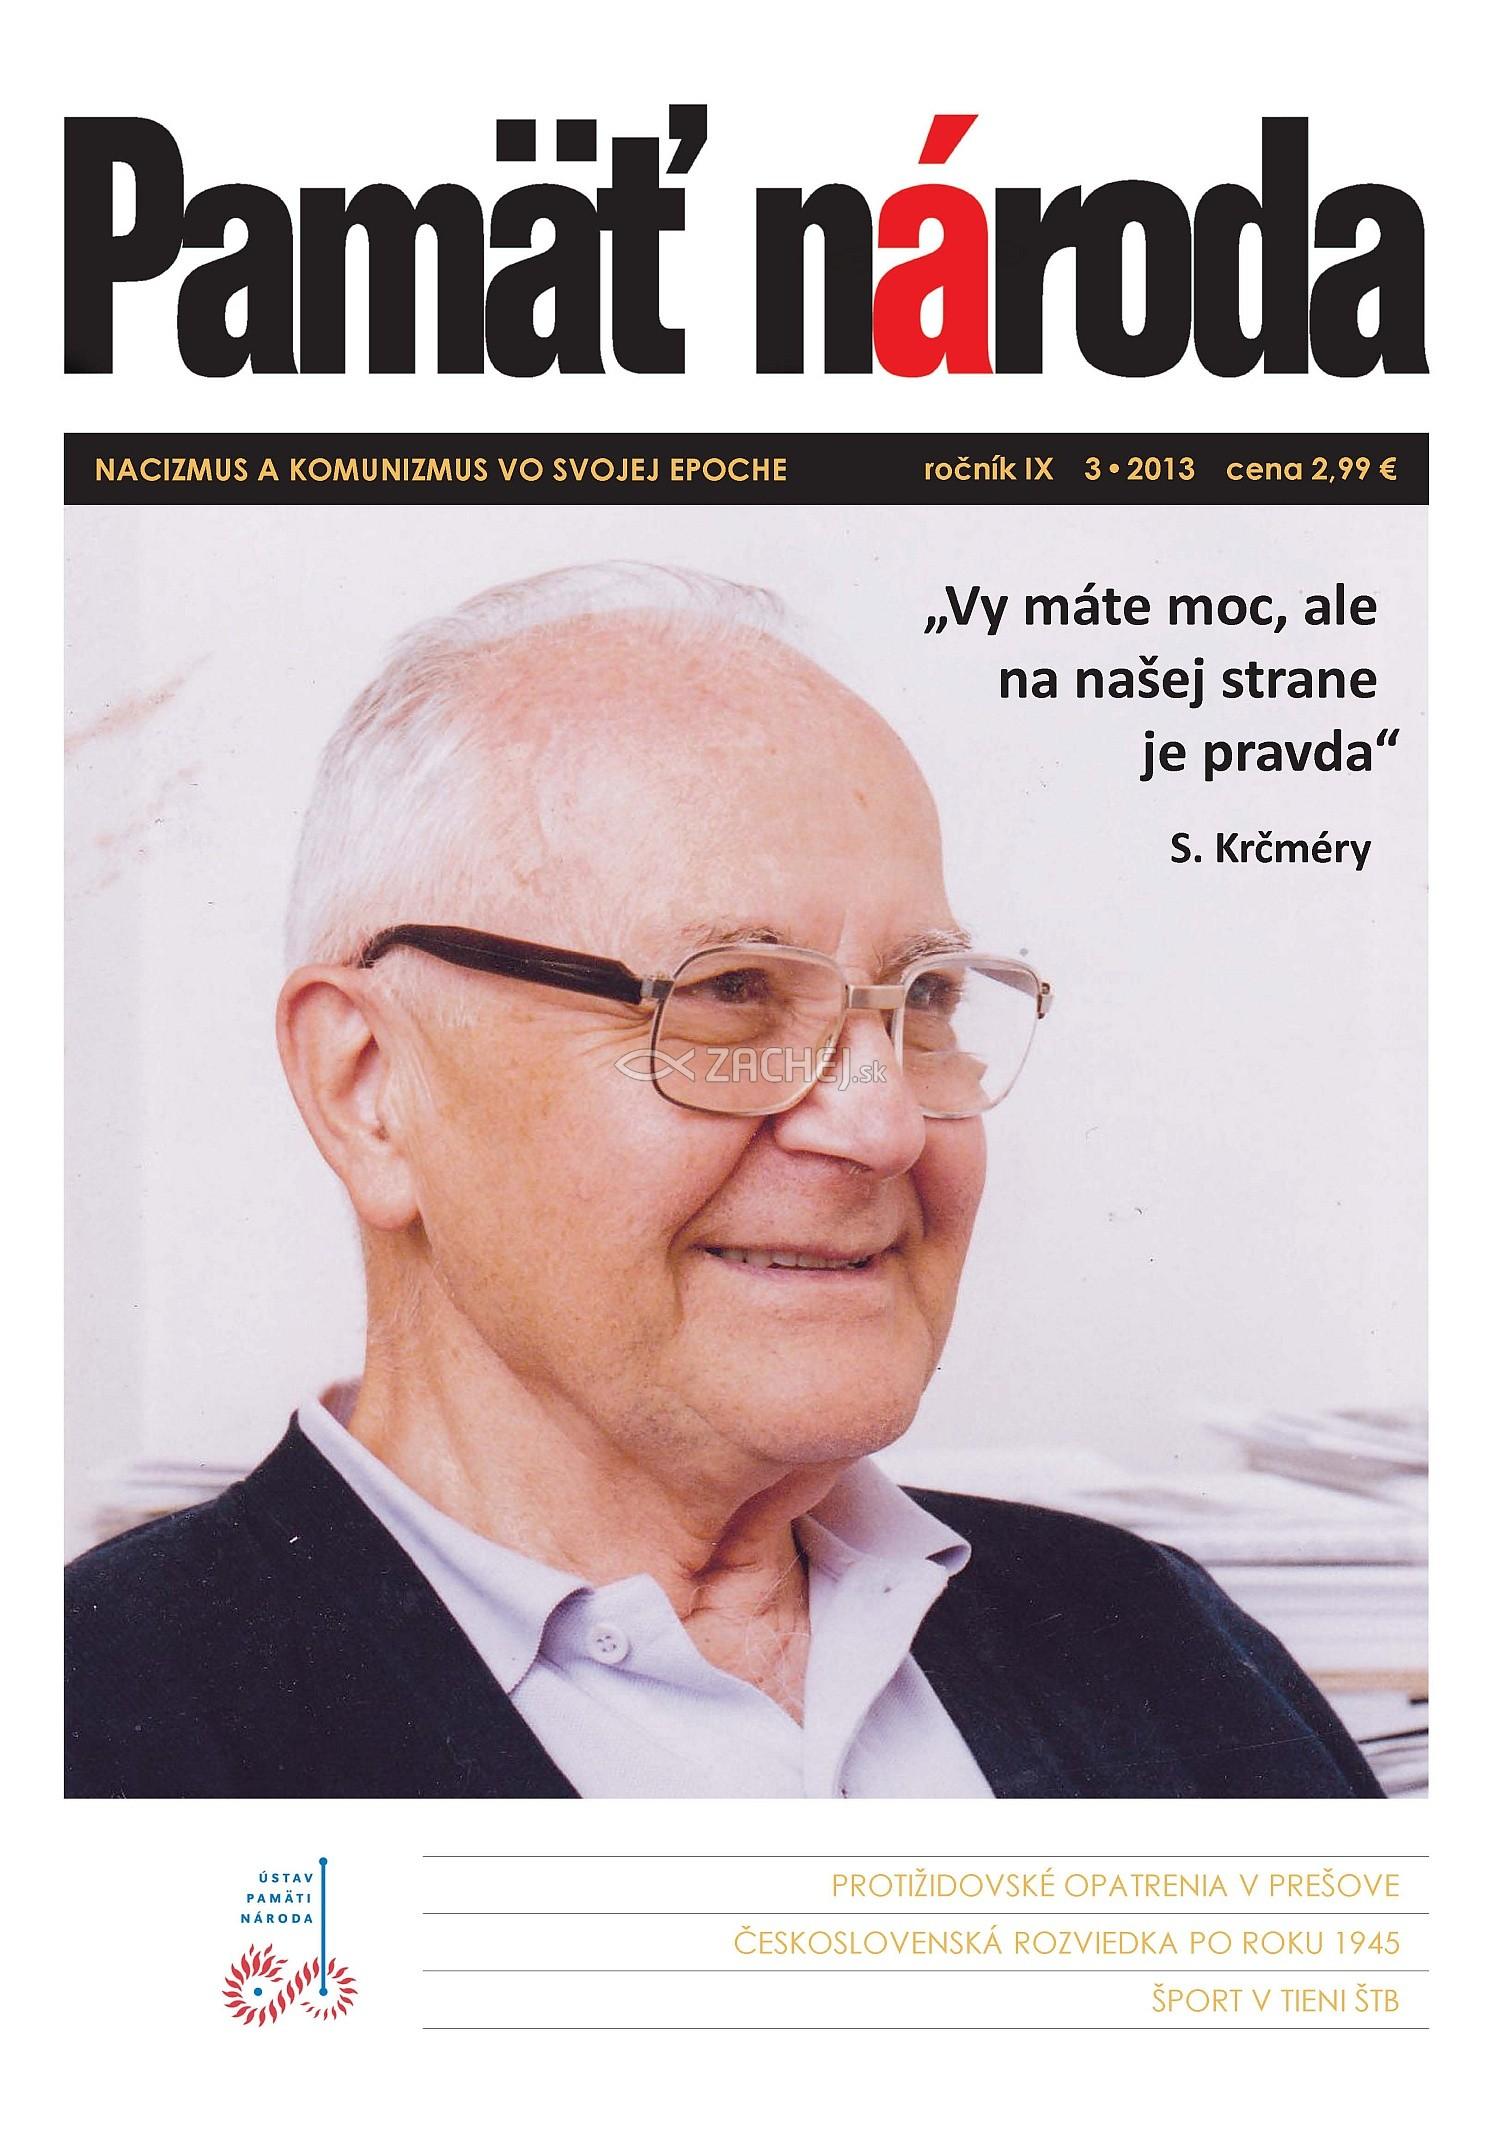 Časopis Pamäť národa 3/2013